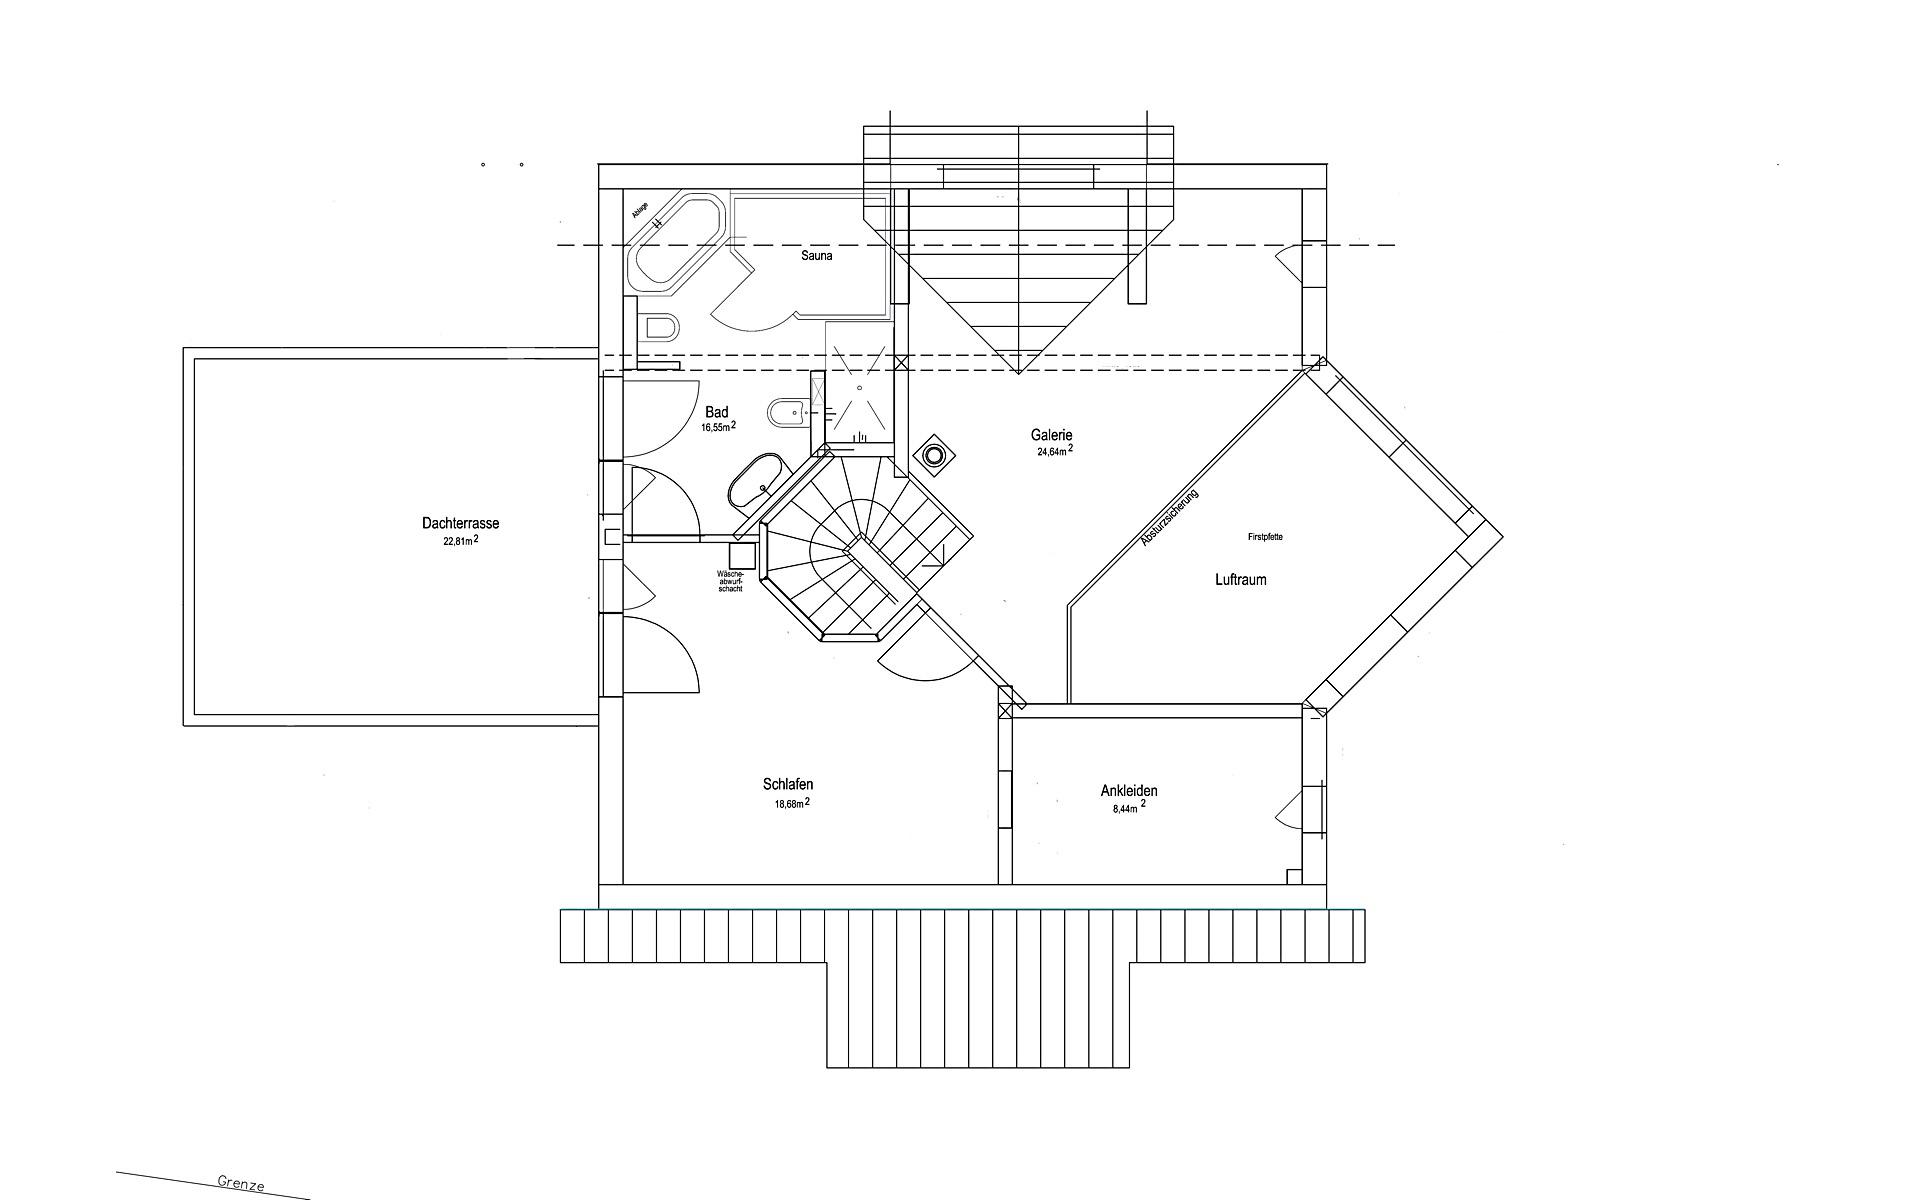 Dachgeschoss Satteldach Landhaus 144 von LUXHAUS Vertrieb GmbH & Co. KG